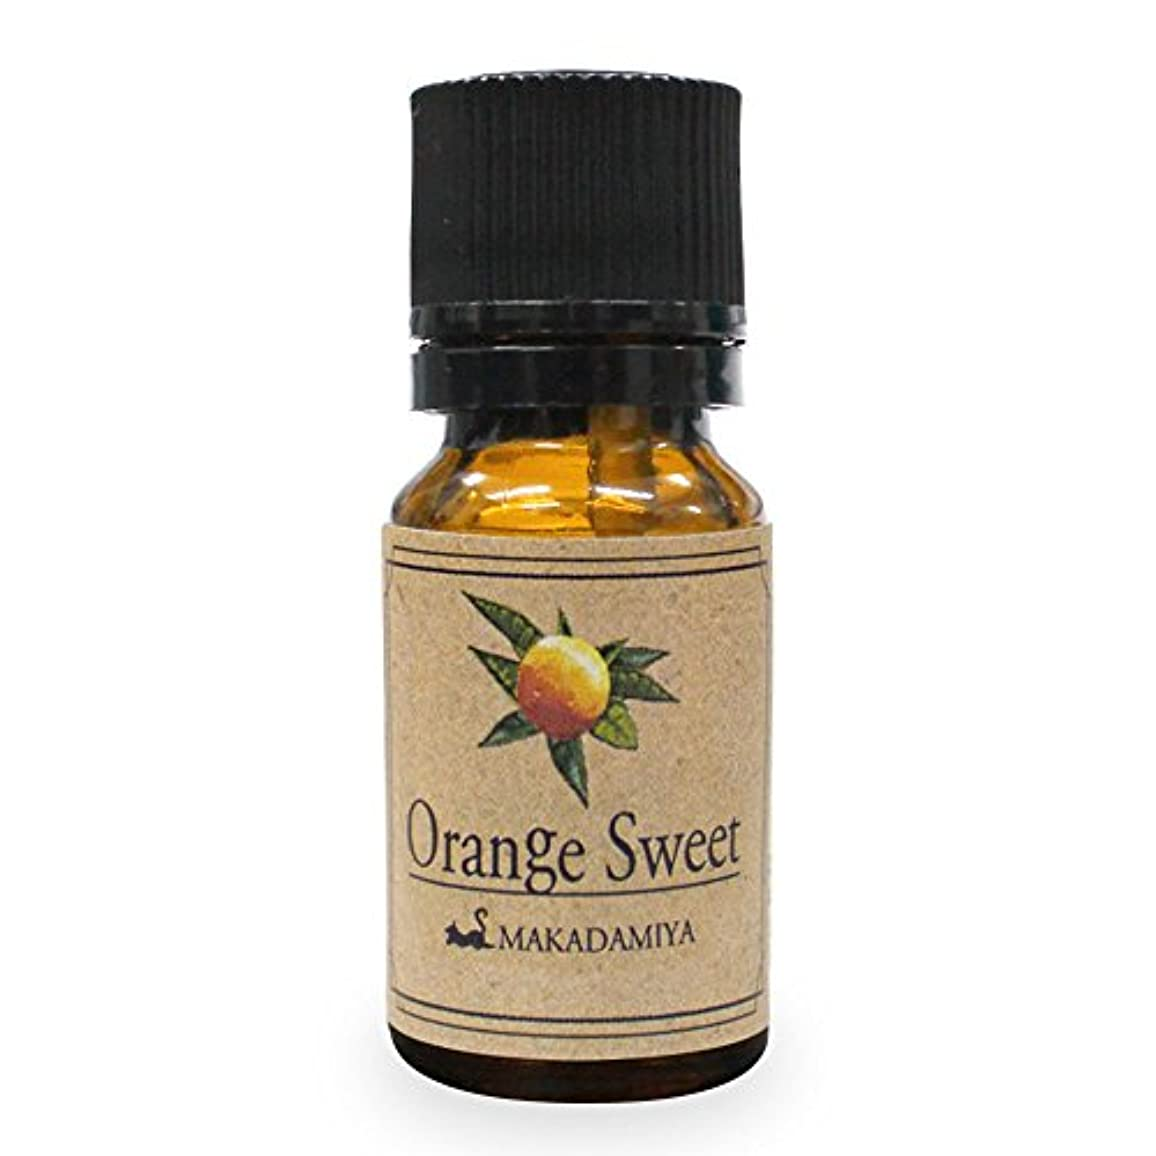 会議半島肩をすくめるオレンジ?スイート10ml 天然100%植物性 エッセンシャルオイル(精油) アロマオイル アロママッサージ aroma Orange S.